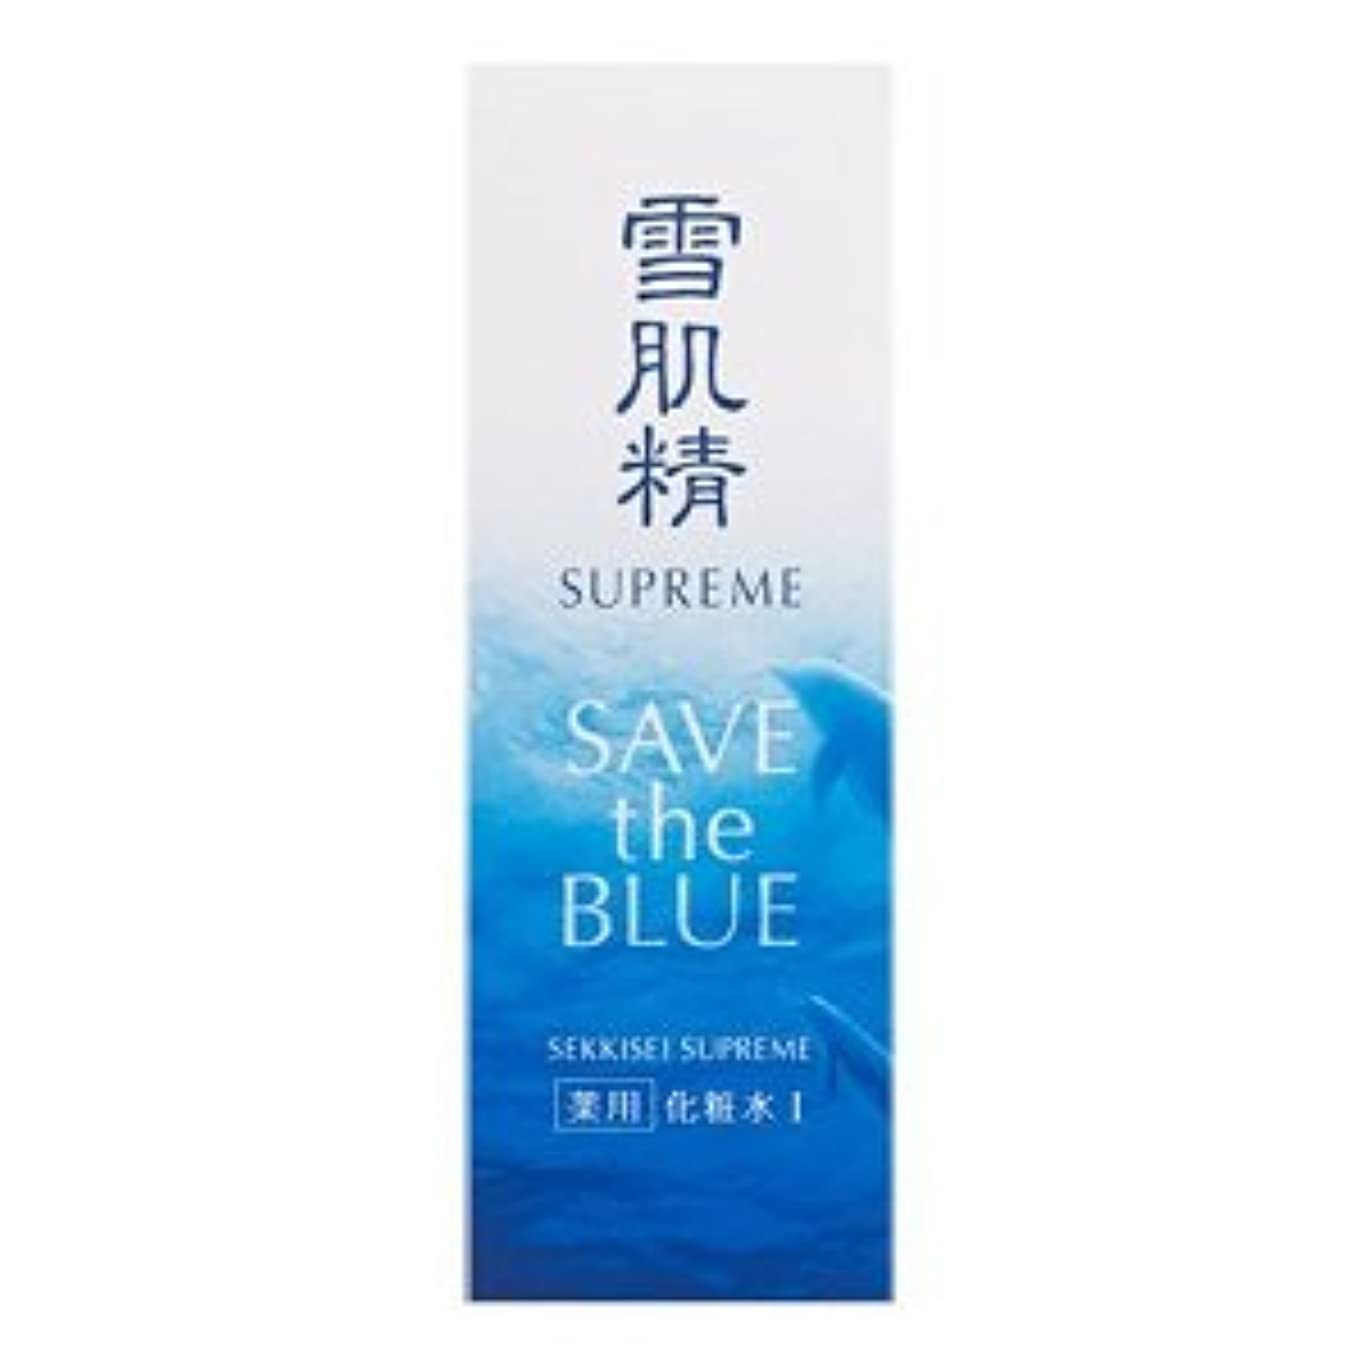 違うキャンセル人物コーセー 雪肌精 シュープレム 化粧水 Ⅰ みずみずしいうるおい 400ml アウトレット